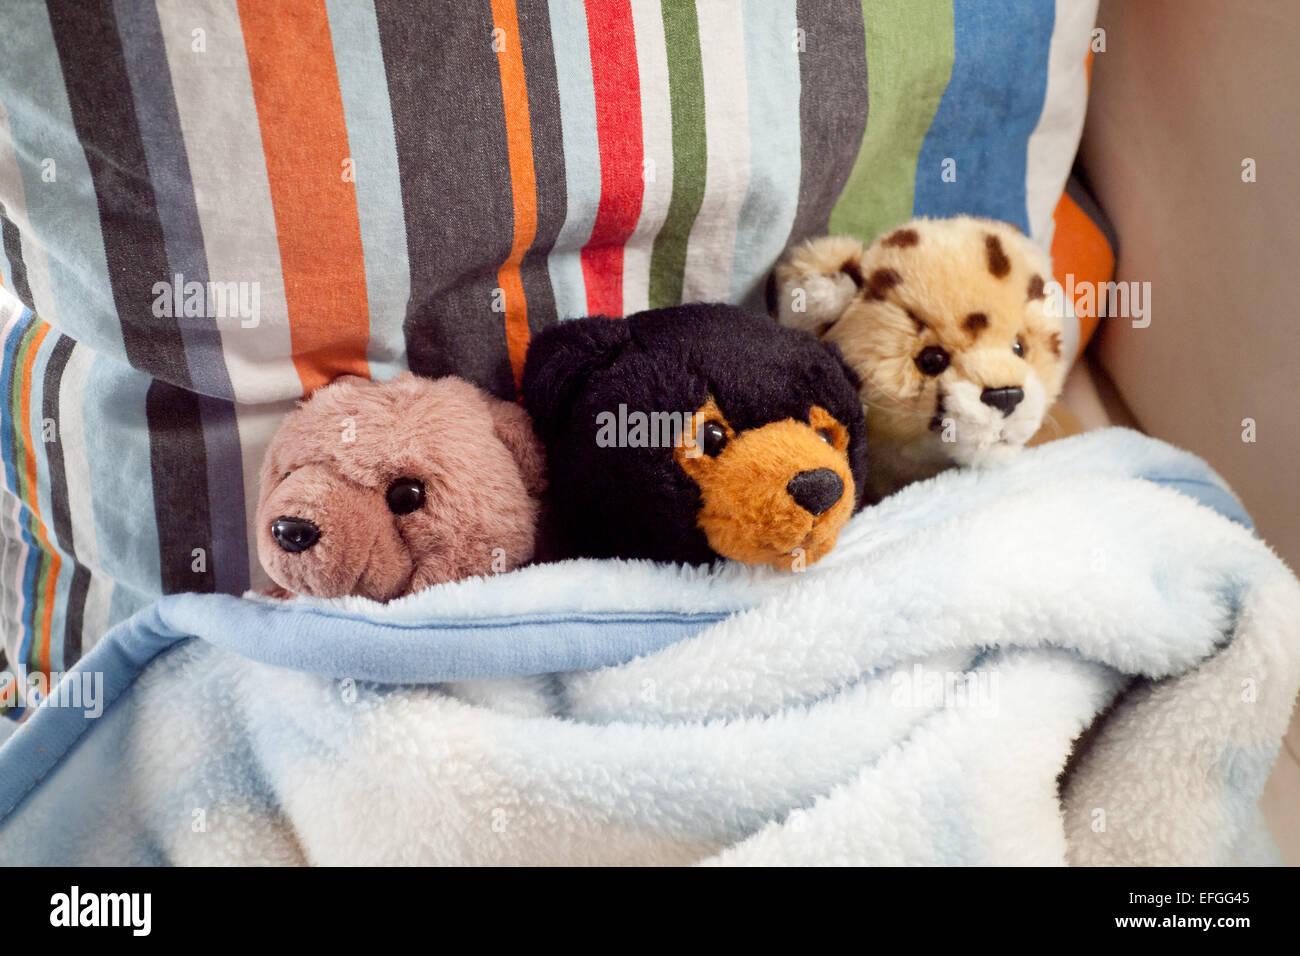 Zwei Teddybären und eine gefüllte Gepard, gemütlich in eine Decke. Stockbild